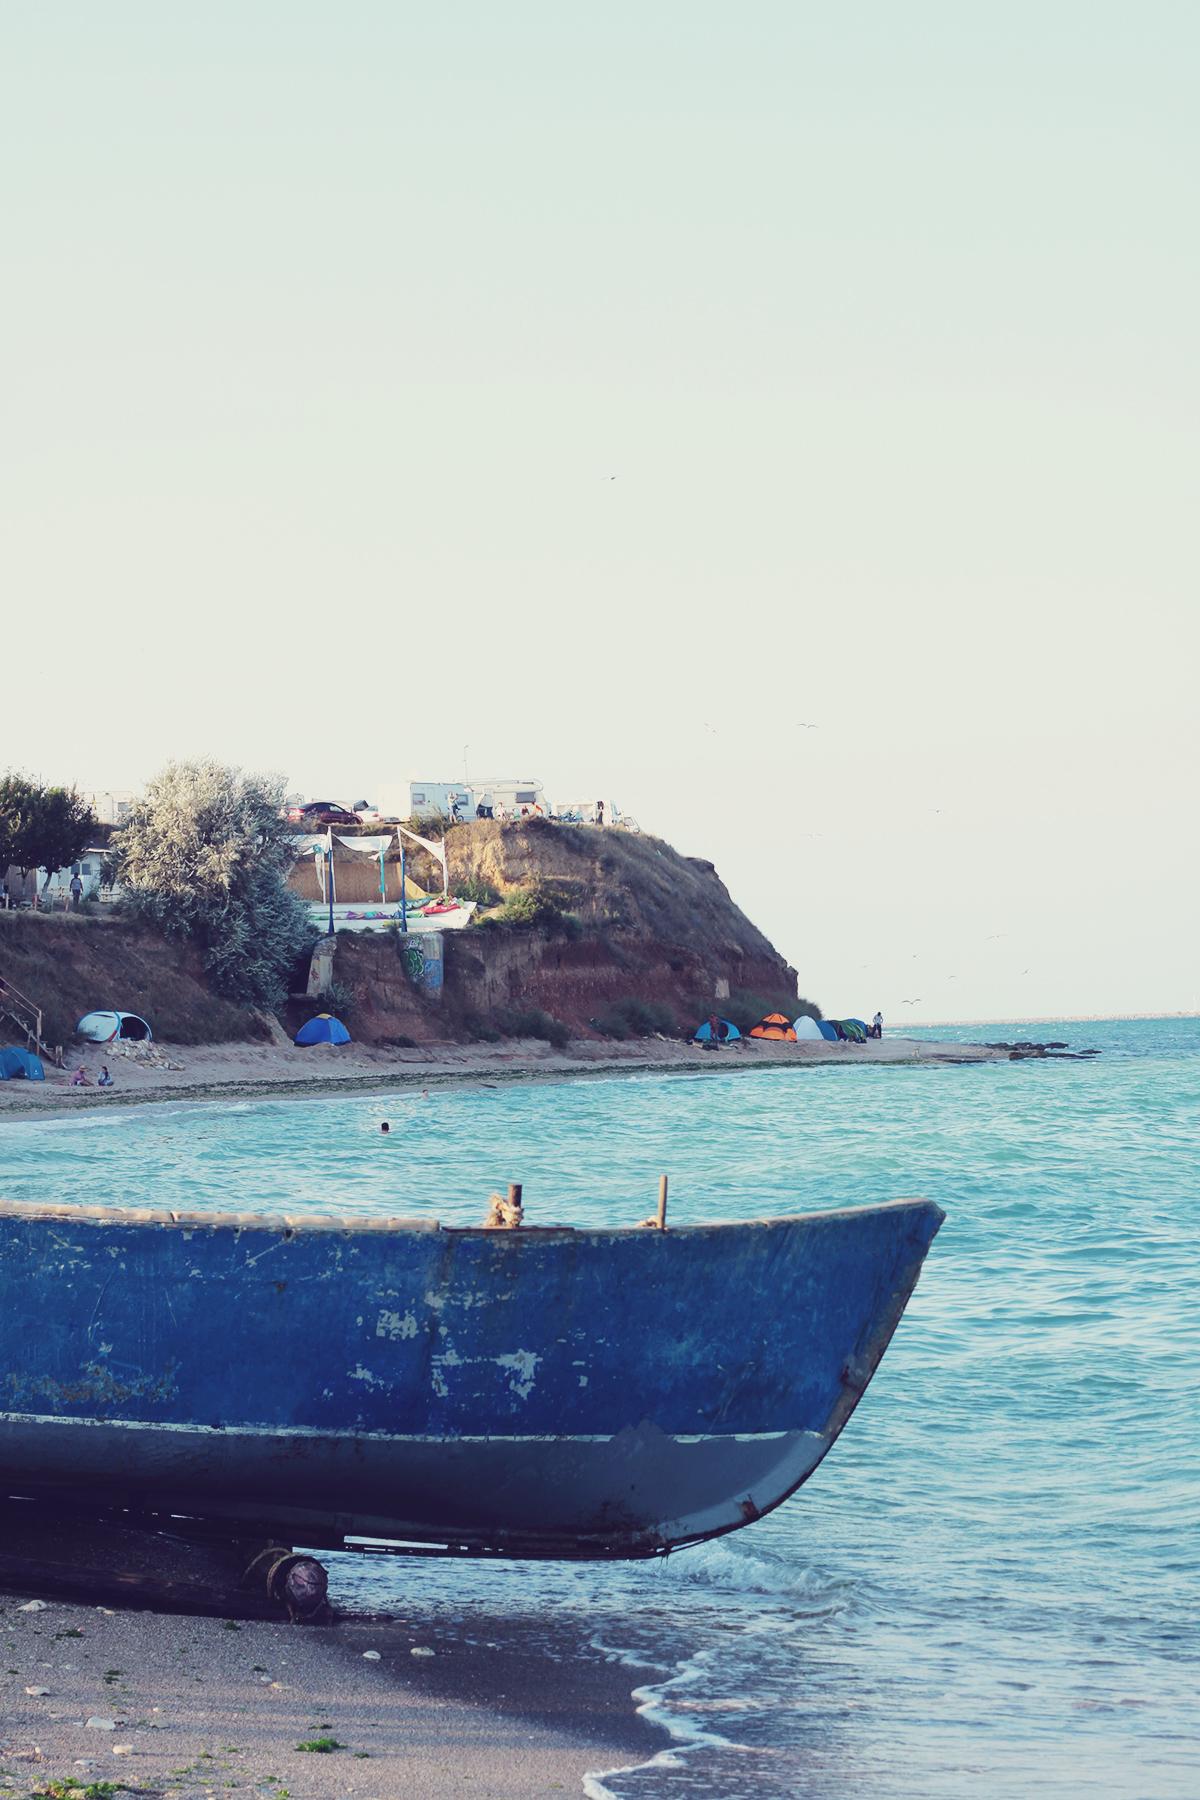 fishing boat, vama veche, beach